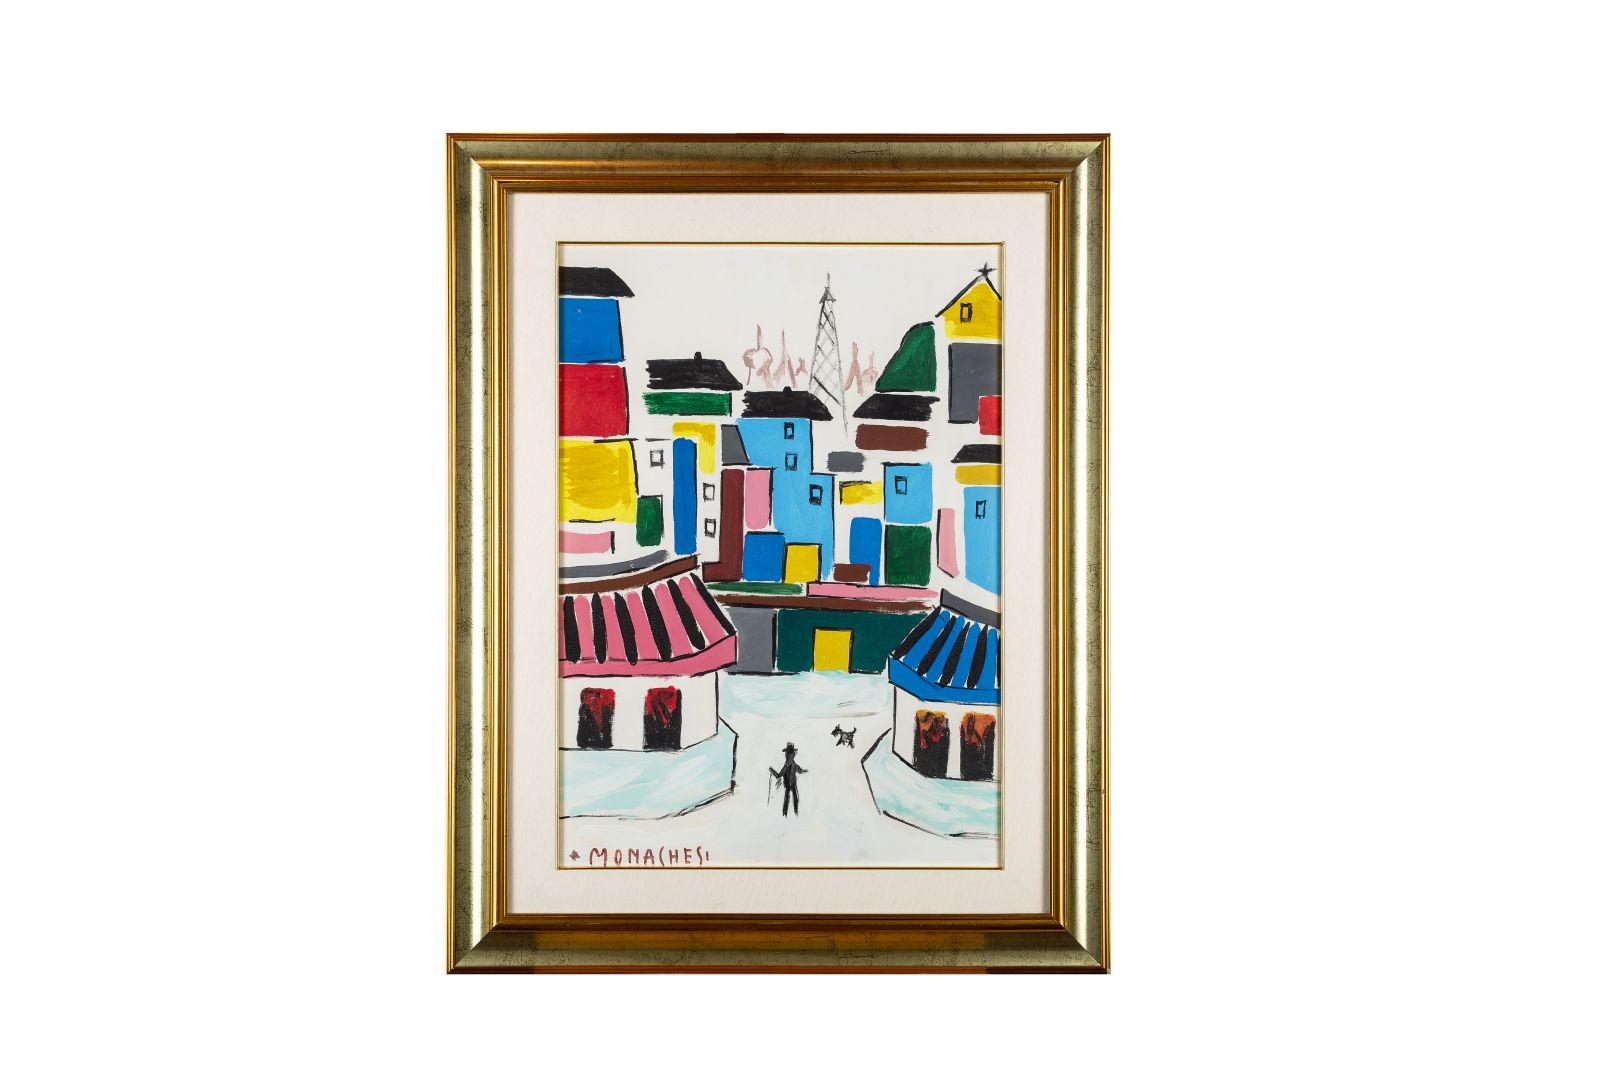 #70 Sante Monachesi, Paris, Oil, 1970s | Sante Monachesi, Paris, Öl, 1970er Image